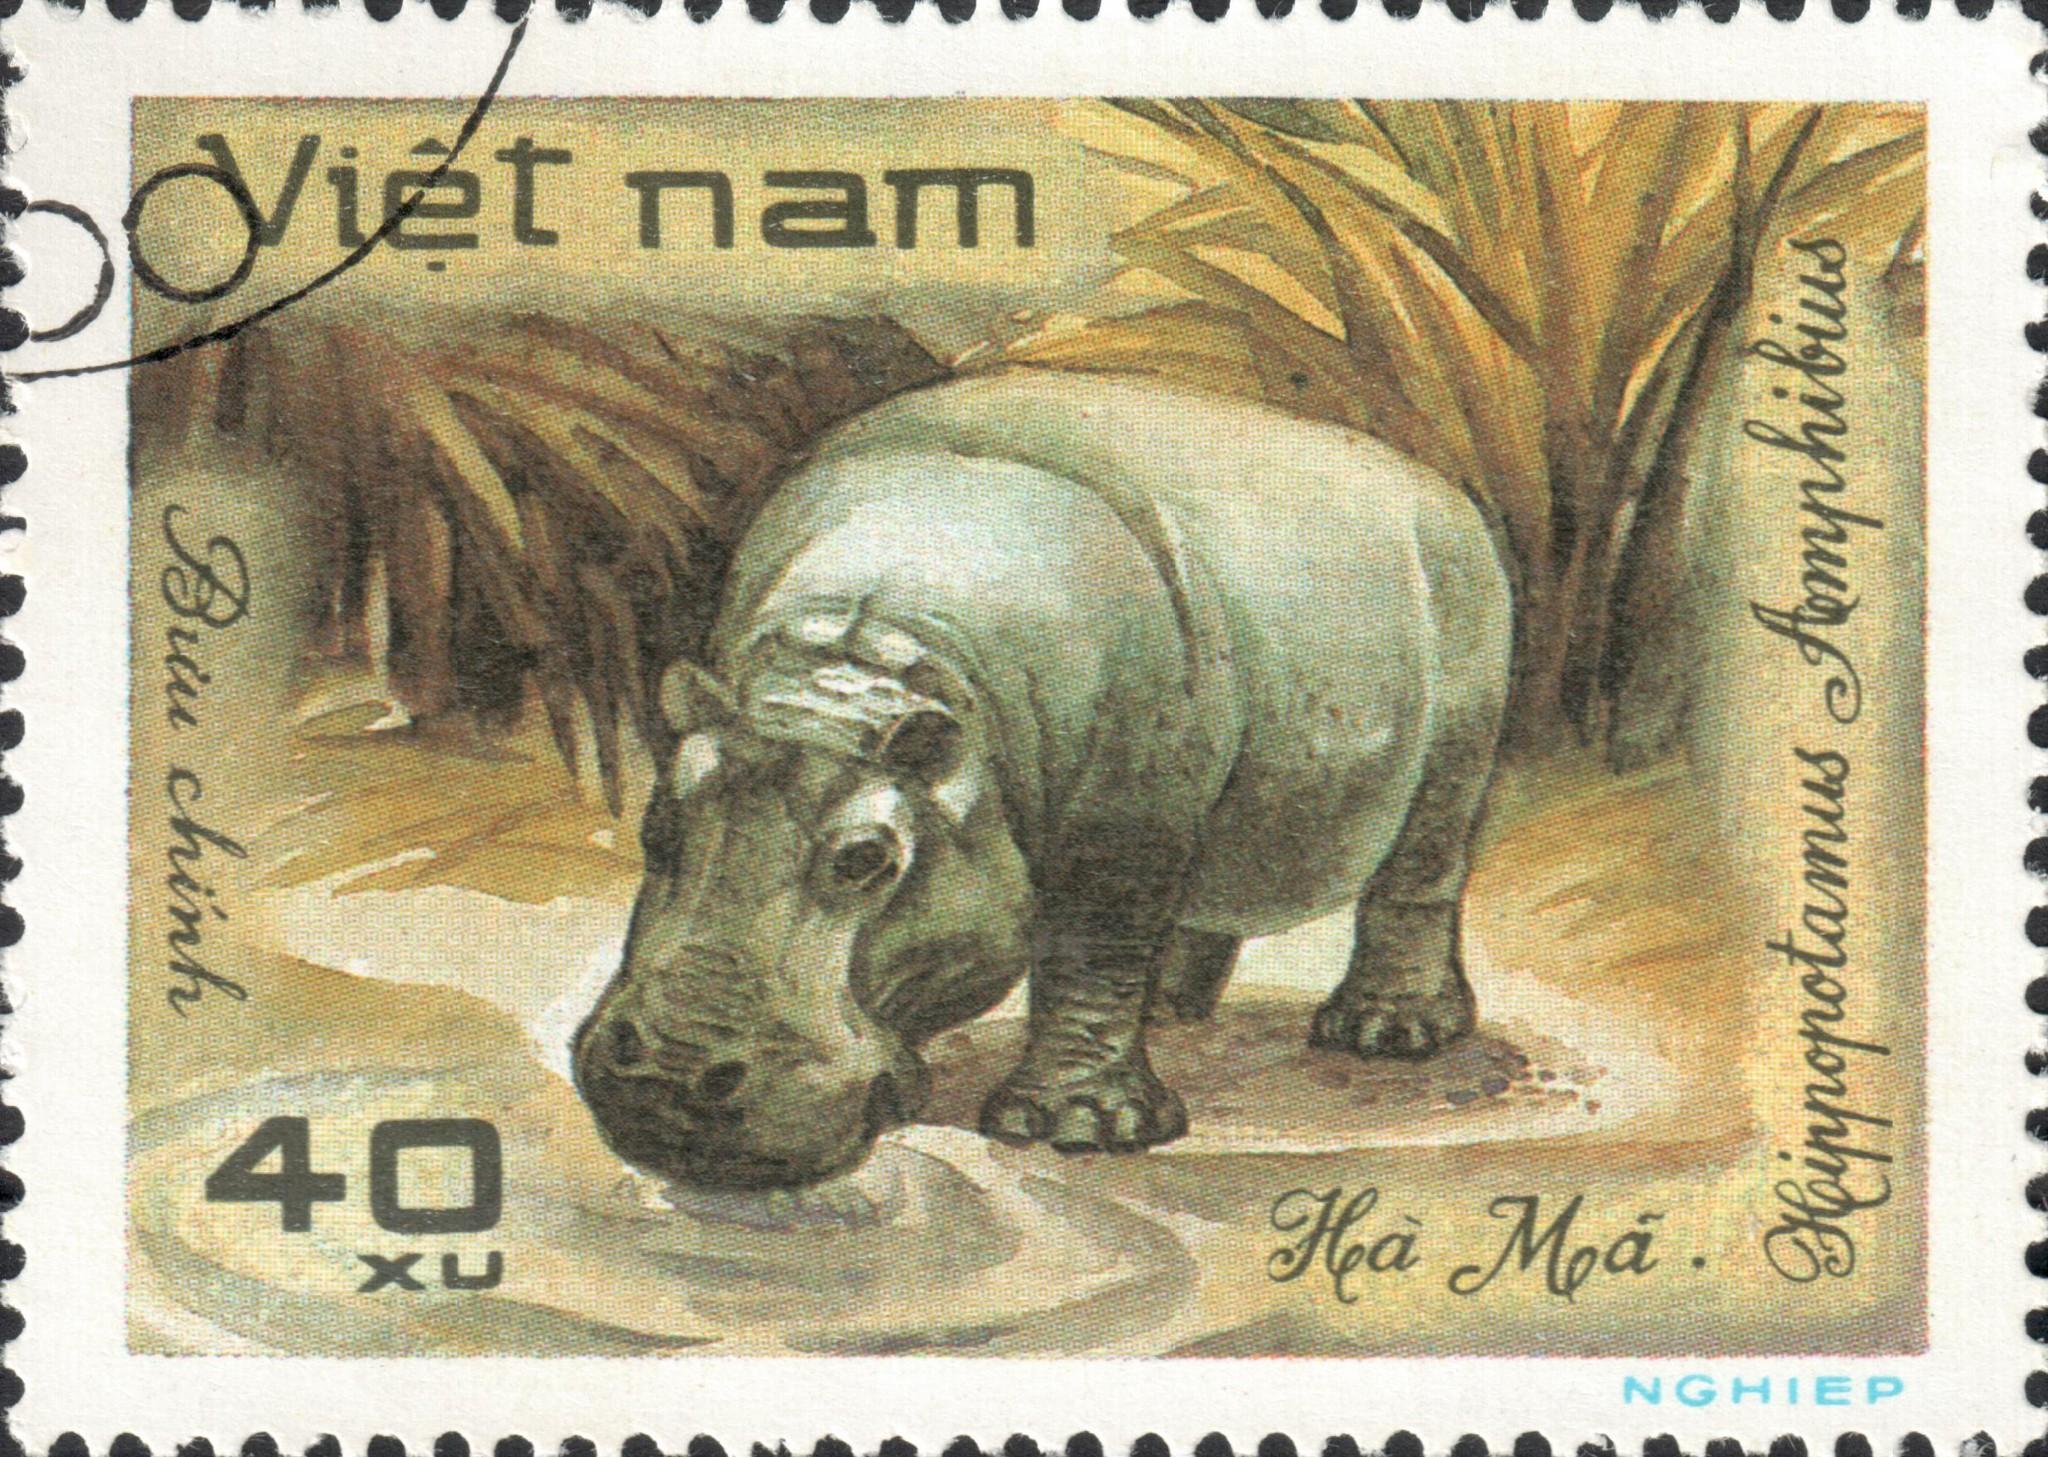 Обыкновенный бегемот, или гиппопотам (Hippopotamus amphibius)